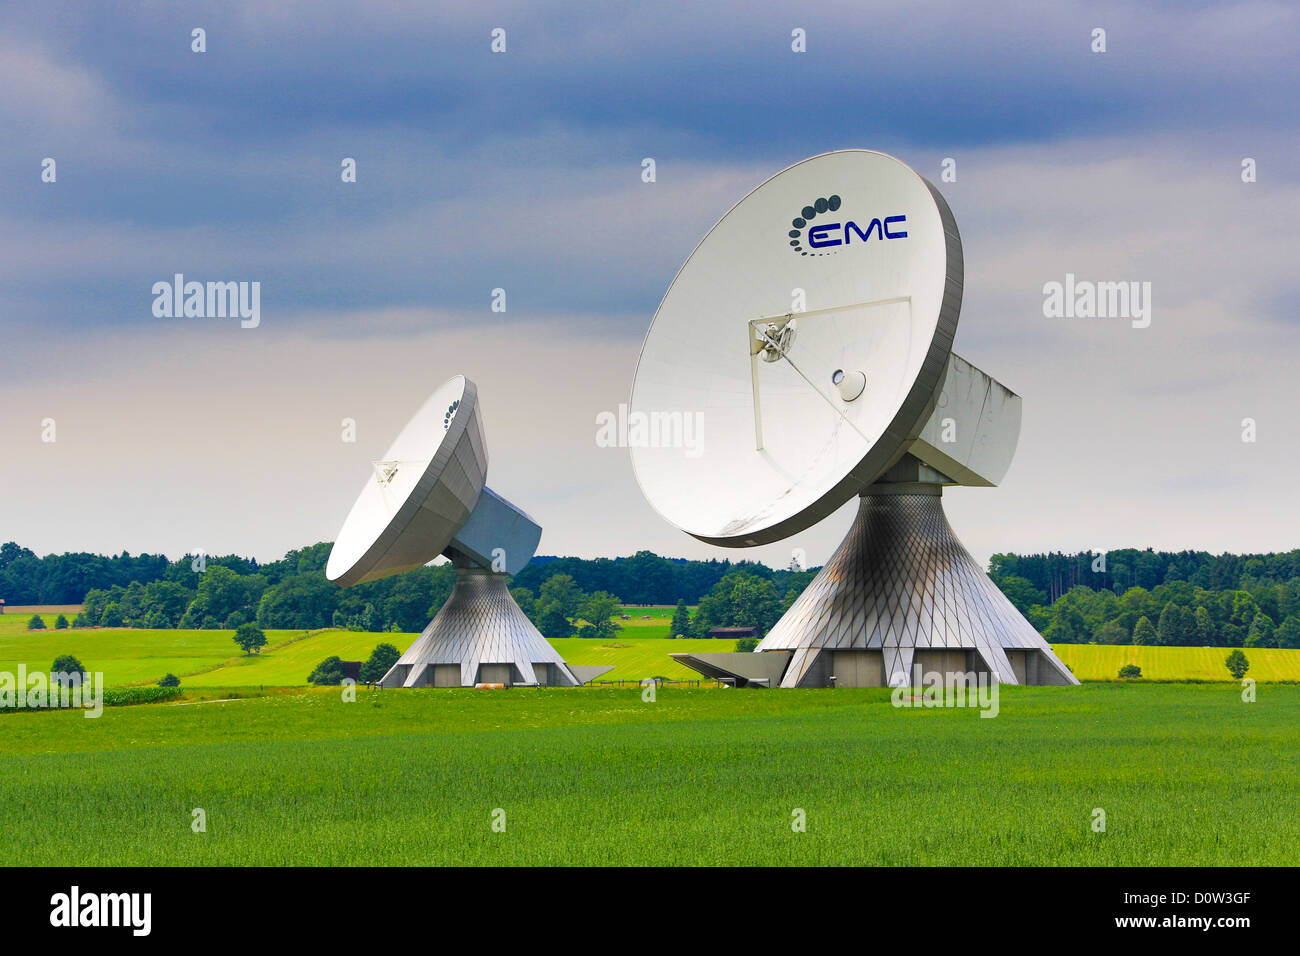 Germania, Europa, viaggi, antenne, Garching, Baviera, colorato, comunicazione, radio, tecnologia Immagini Stock